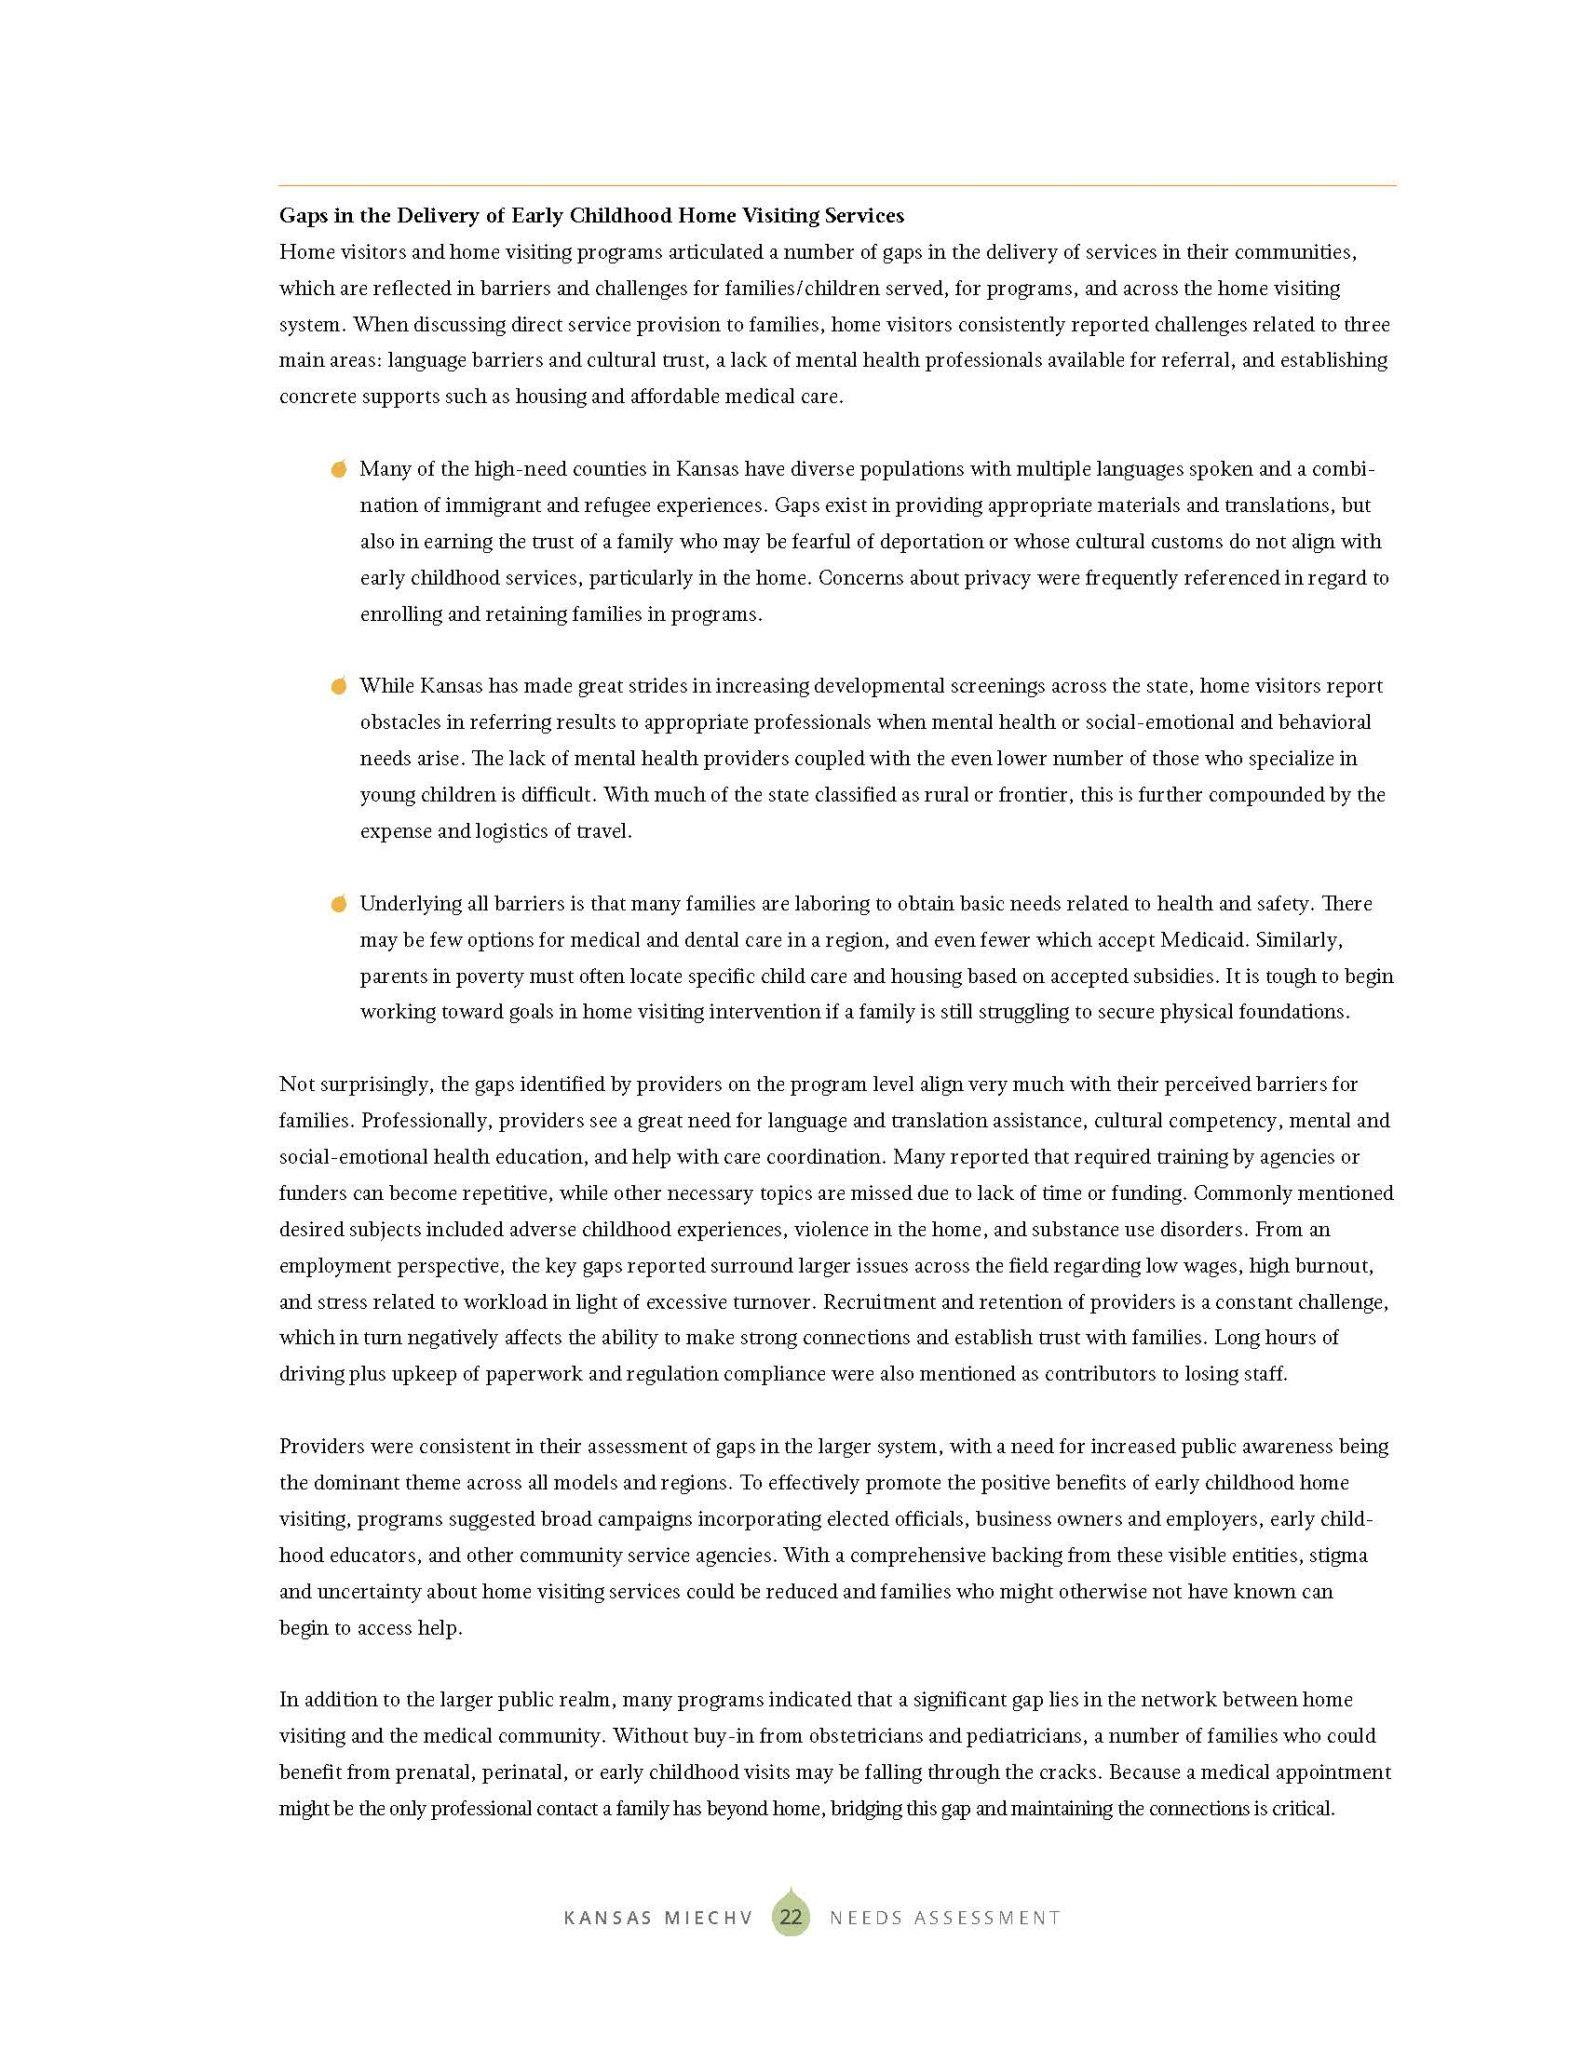 KS MIECHV 2020 Needs Assessment_DIGITAL_Page_030